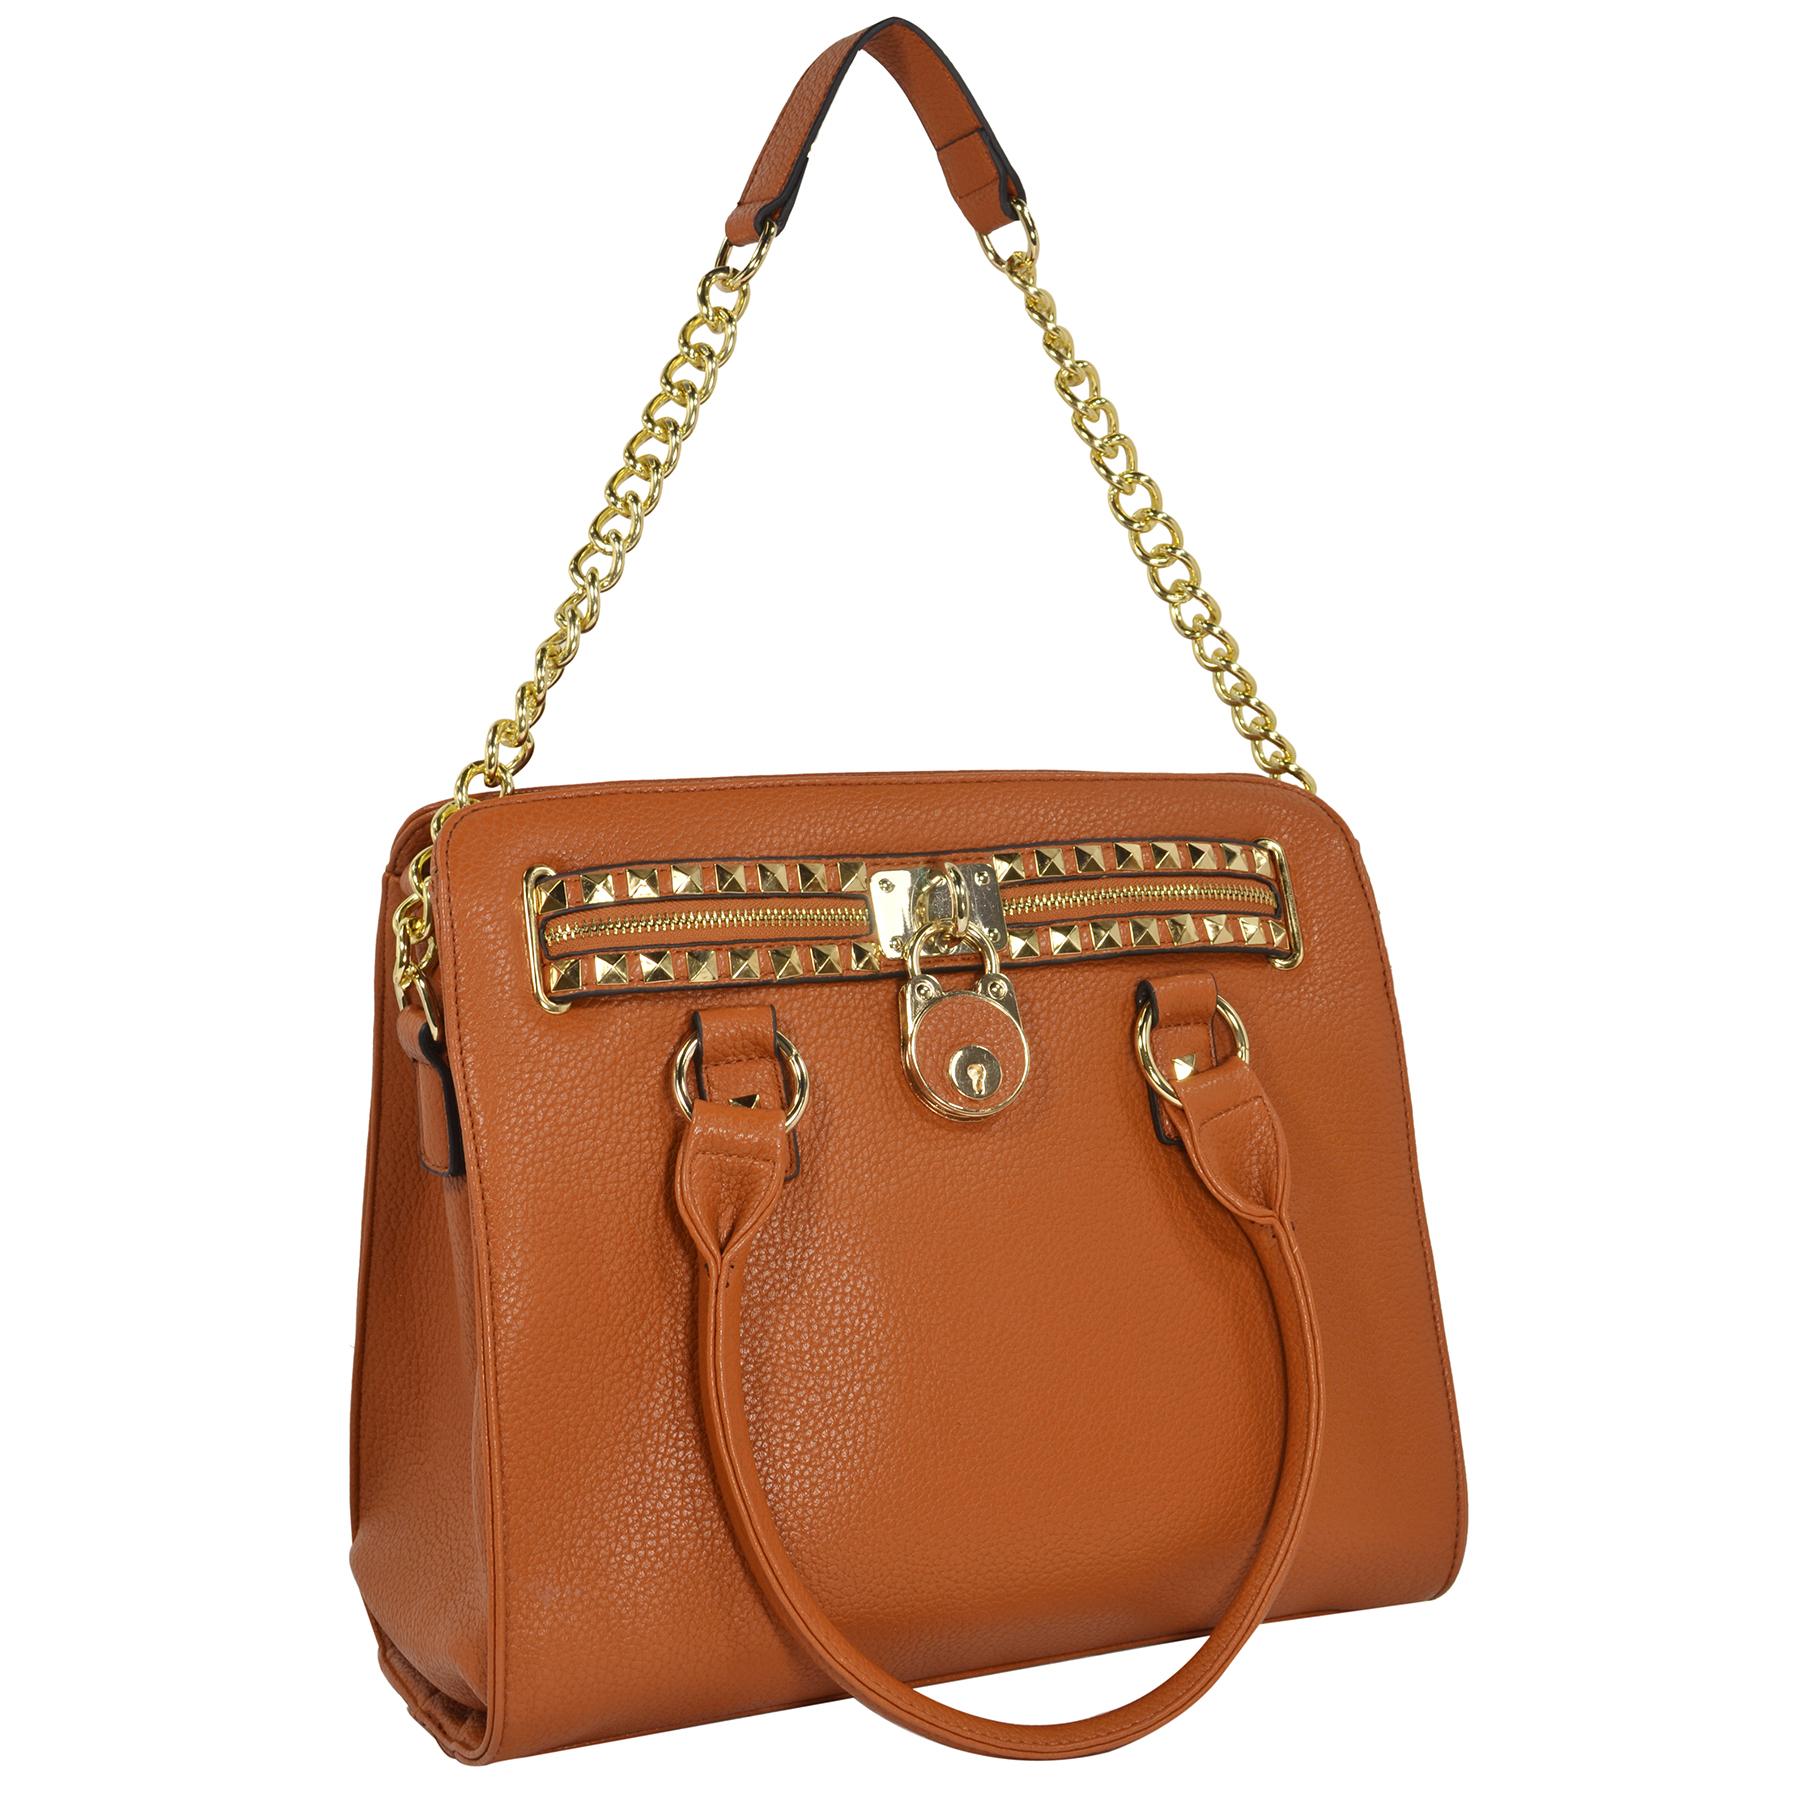 HALEY Brown Bowler Style Handbag handle